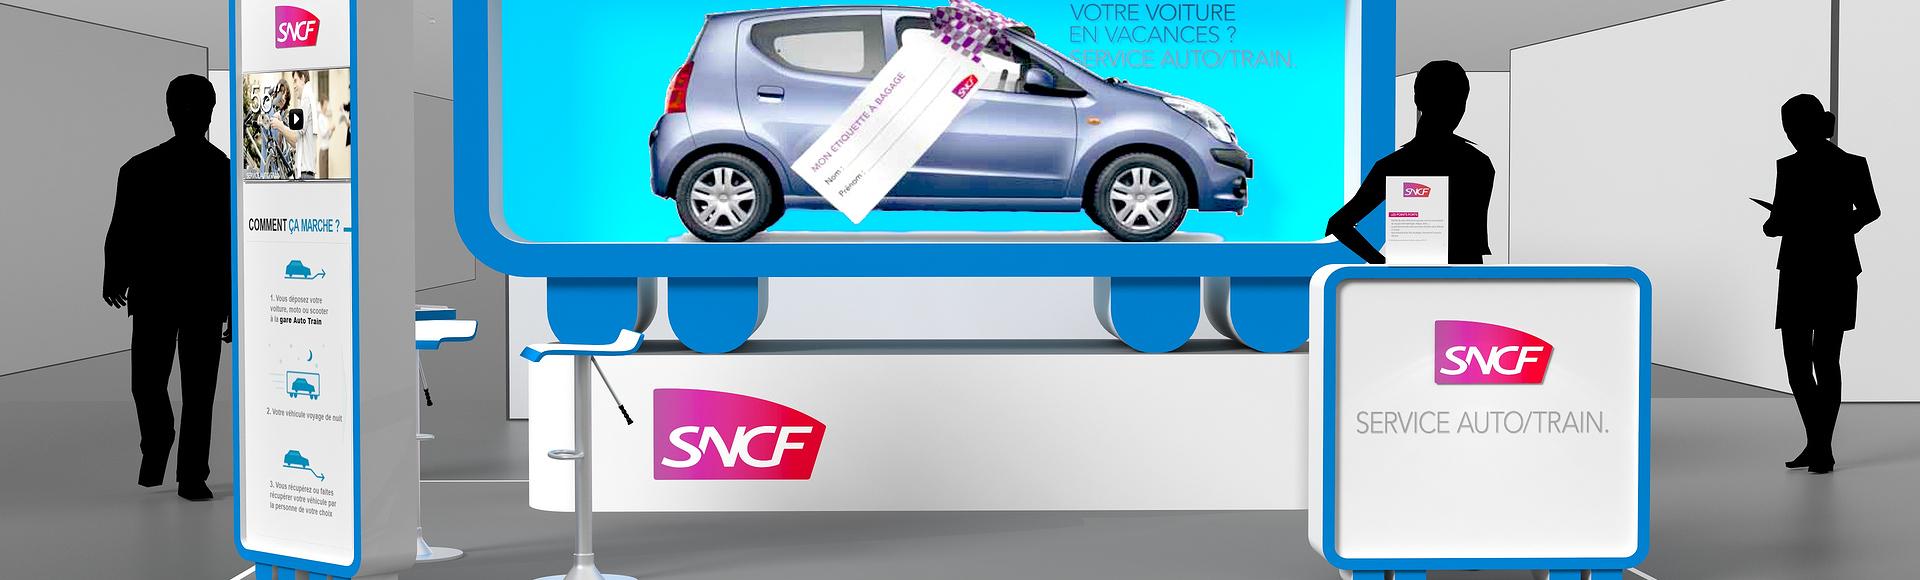 Stand sncf - concepteur de stand d'exposition